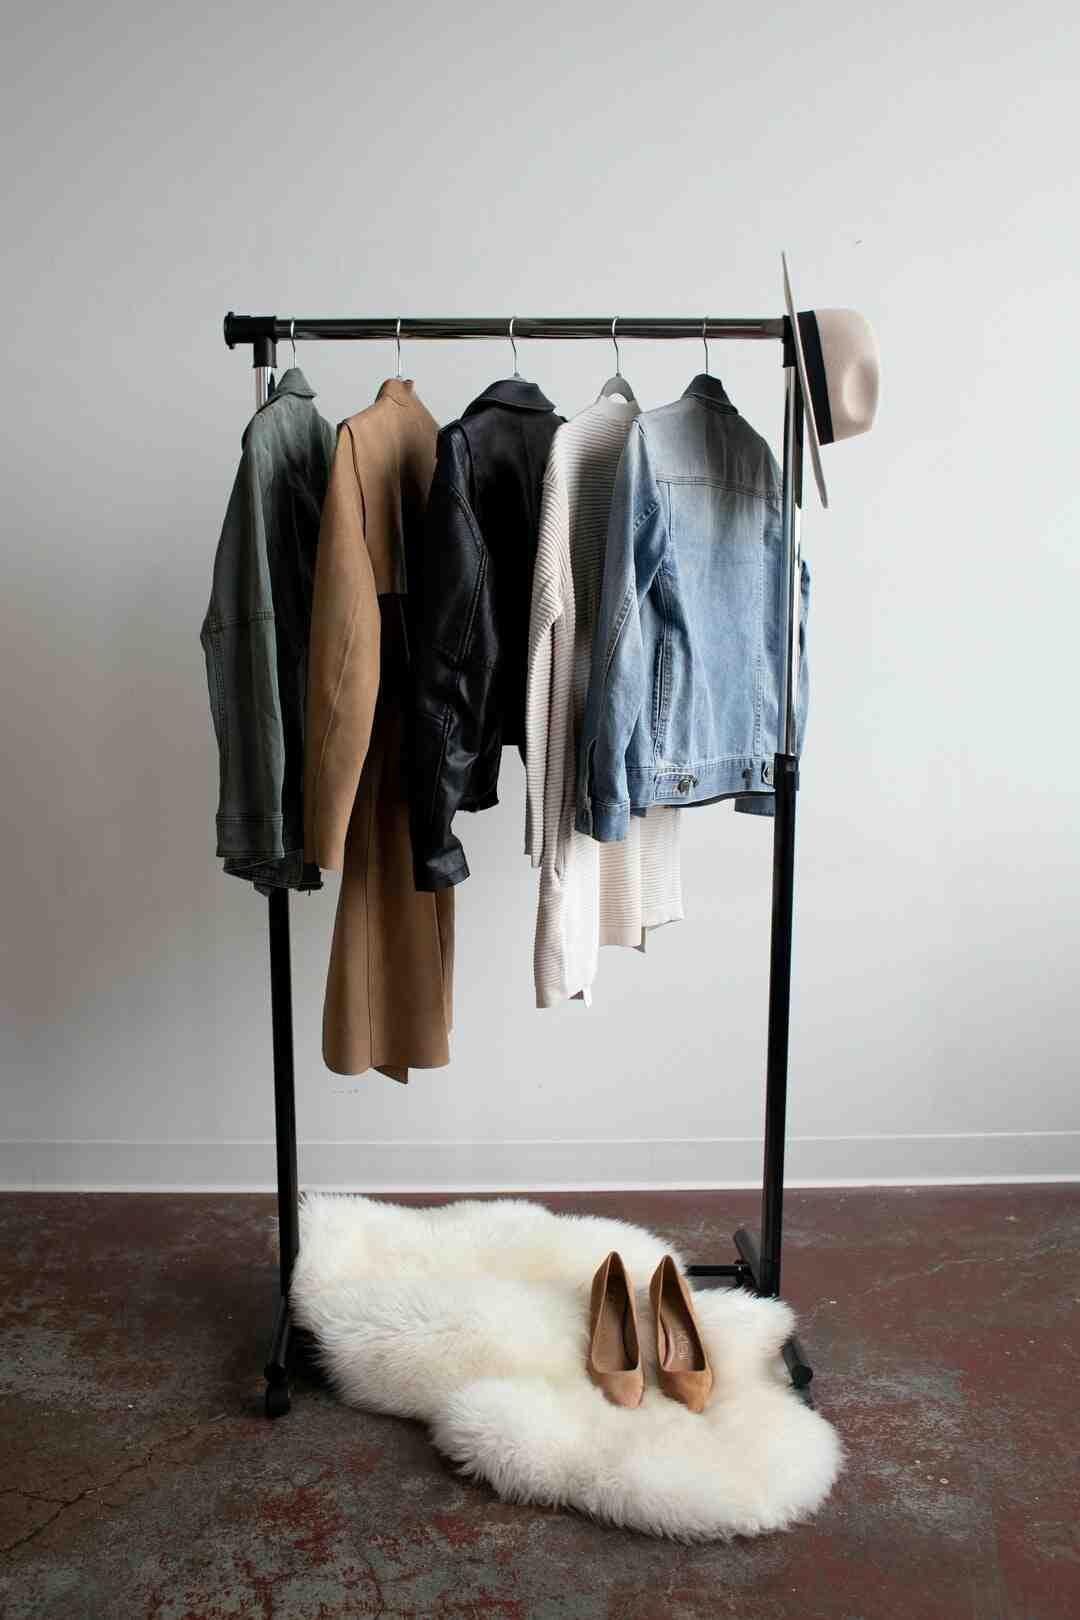 Comment créer son propre style vestimentaire